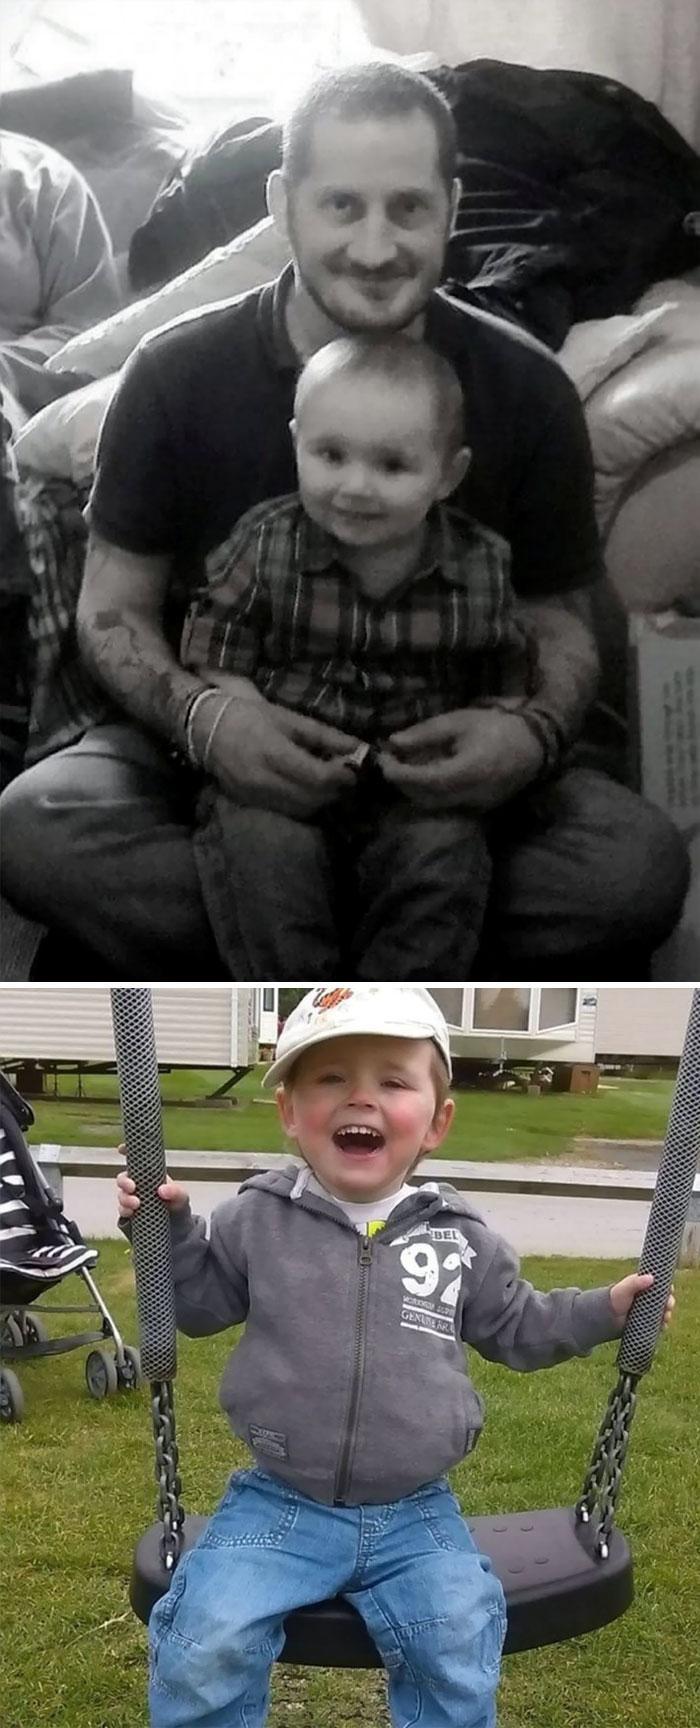 Pai e filho abraçados. Abaixo o filho sorrindo em um balanço